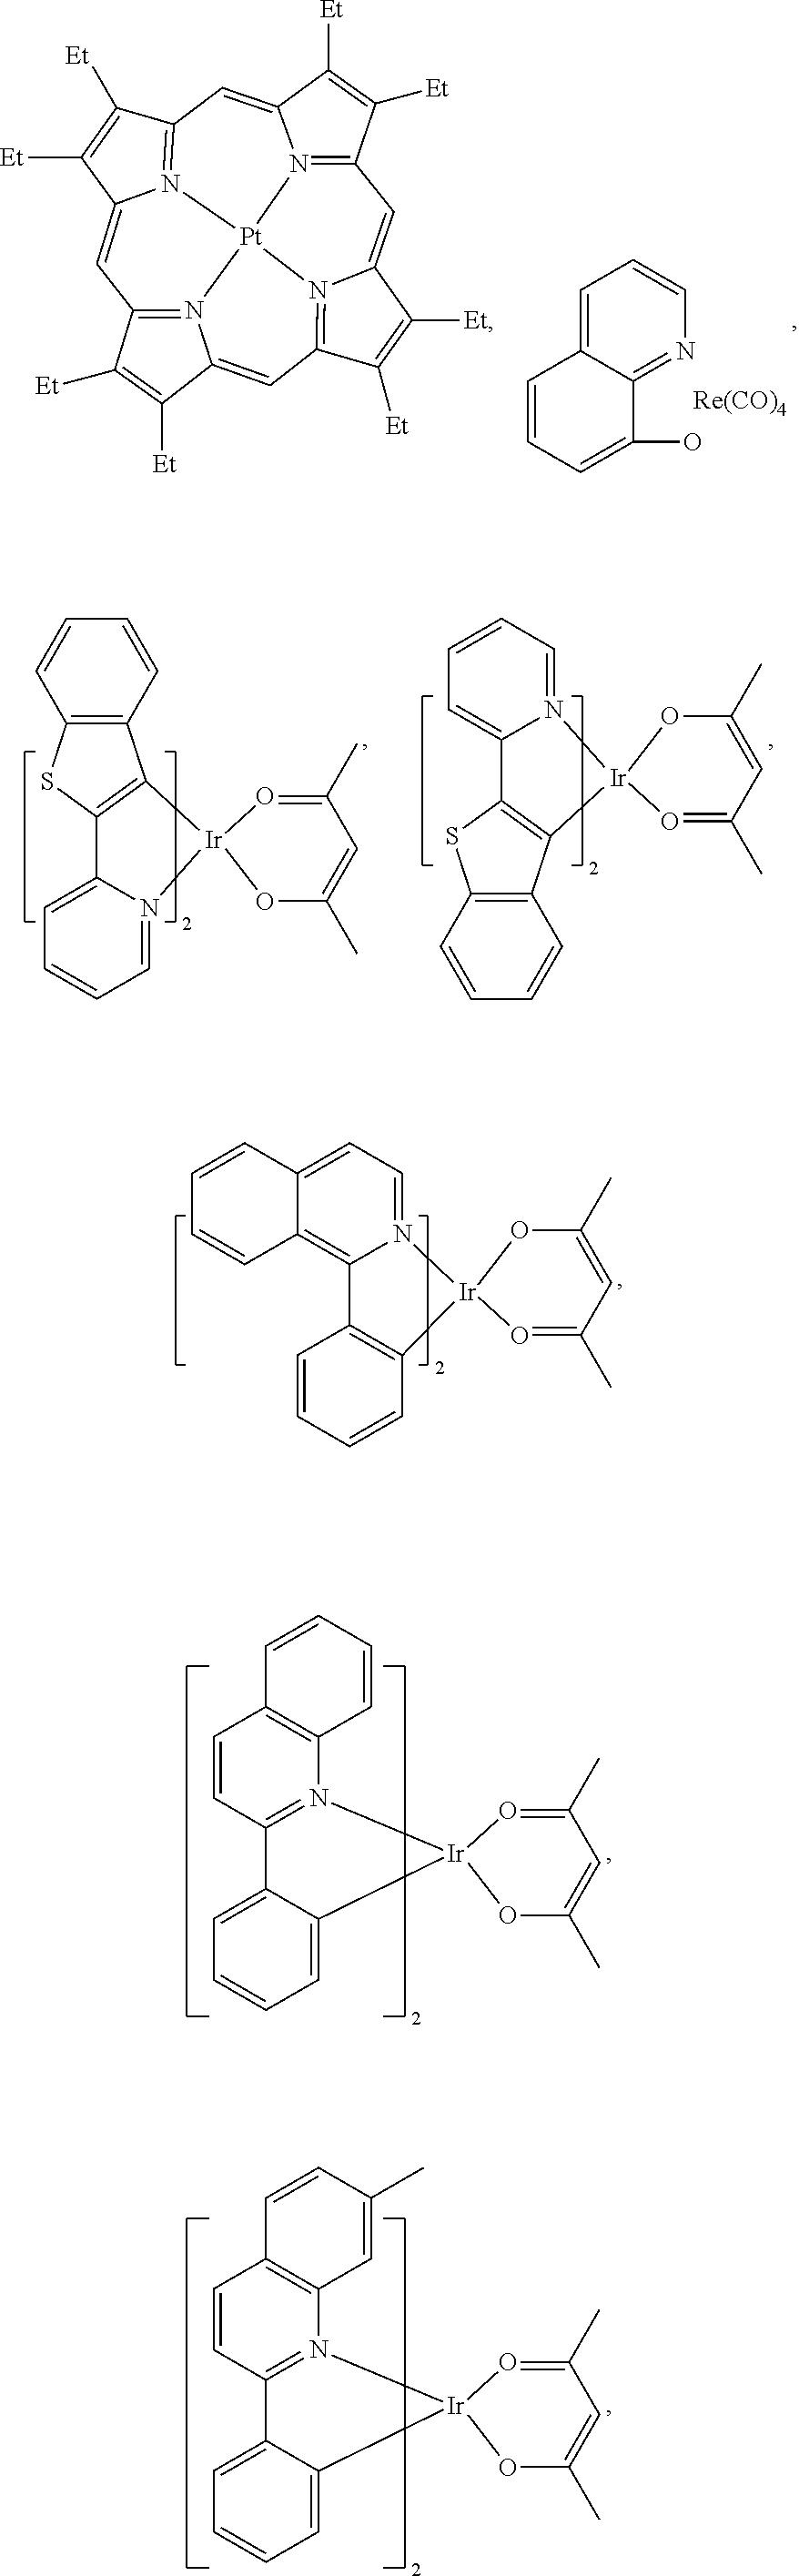 Figure US20180076393A1-20180315-C00096